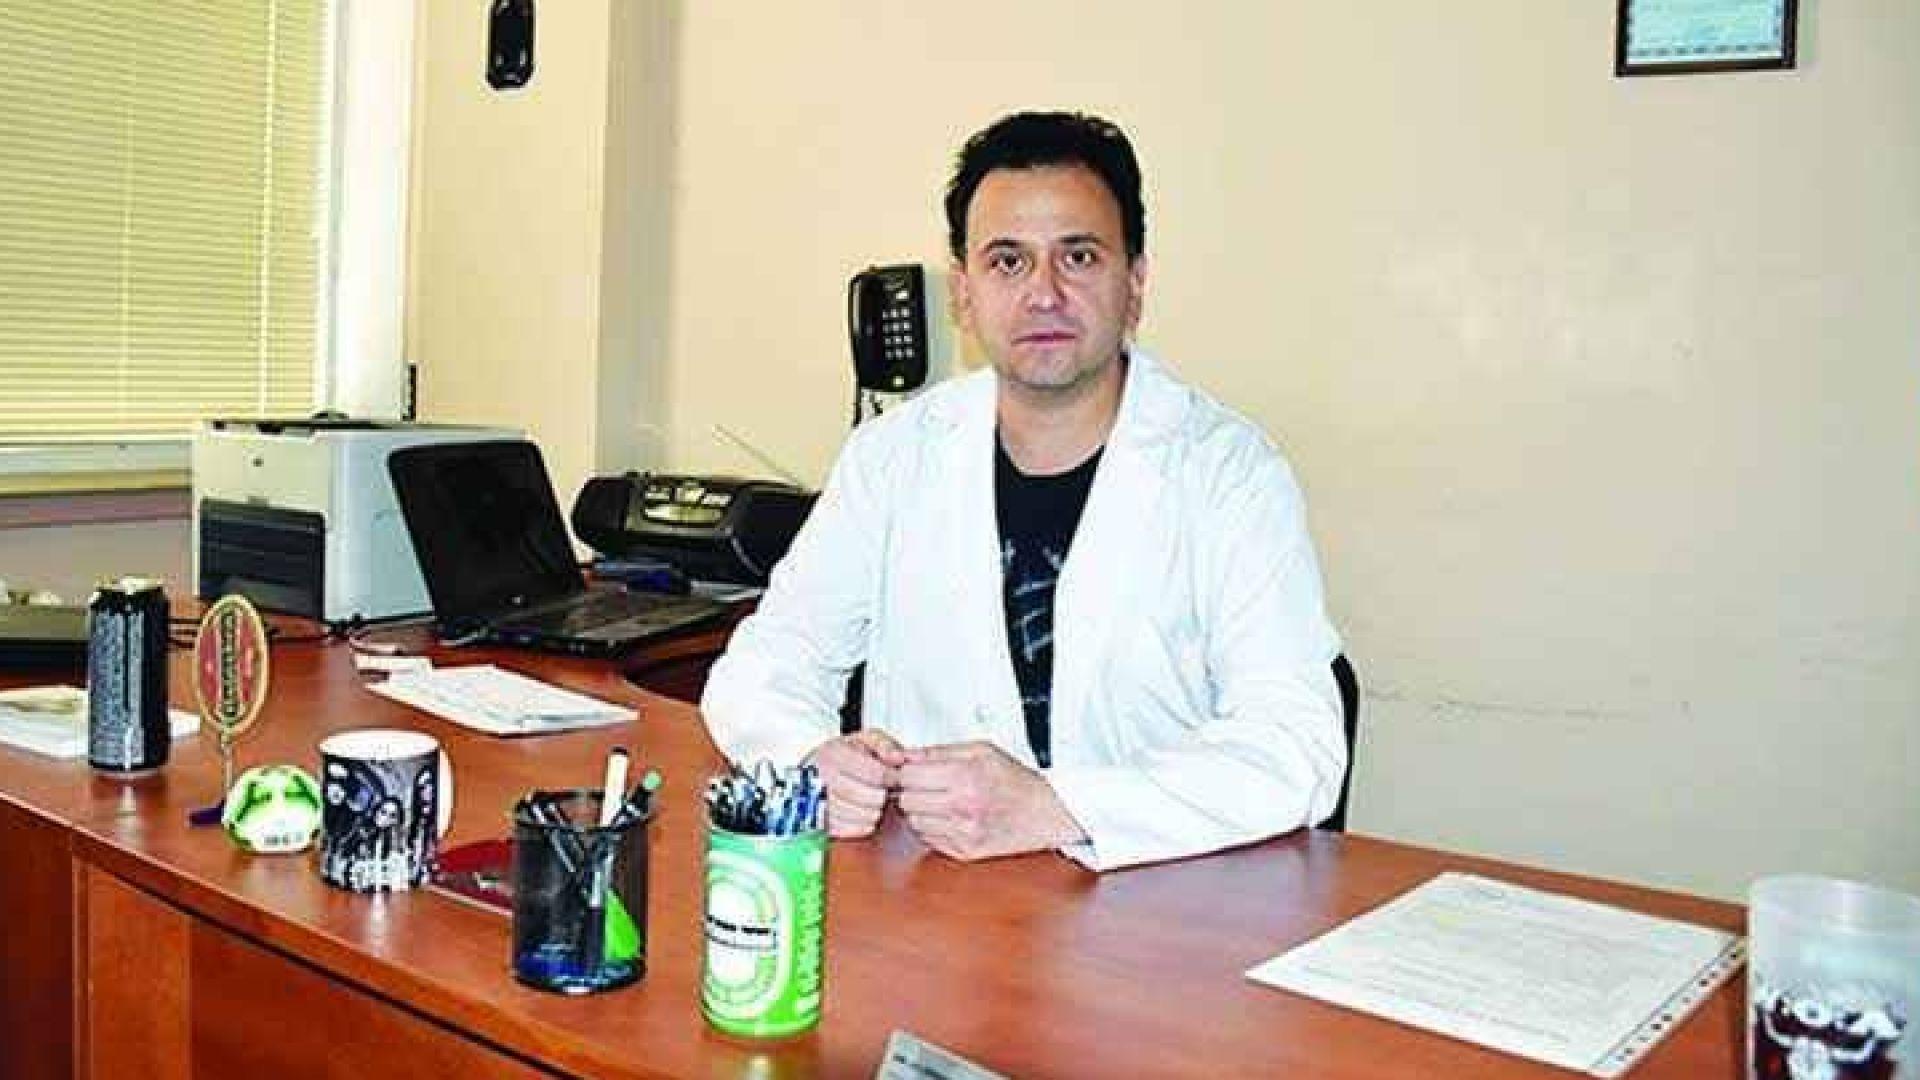 Тромбоцитопенията е описана след много ваксини, това не е някаква рядкост, твърди проф. Кюркчиев